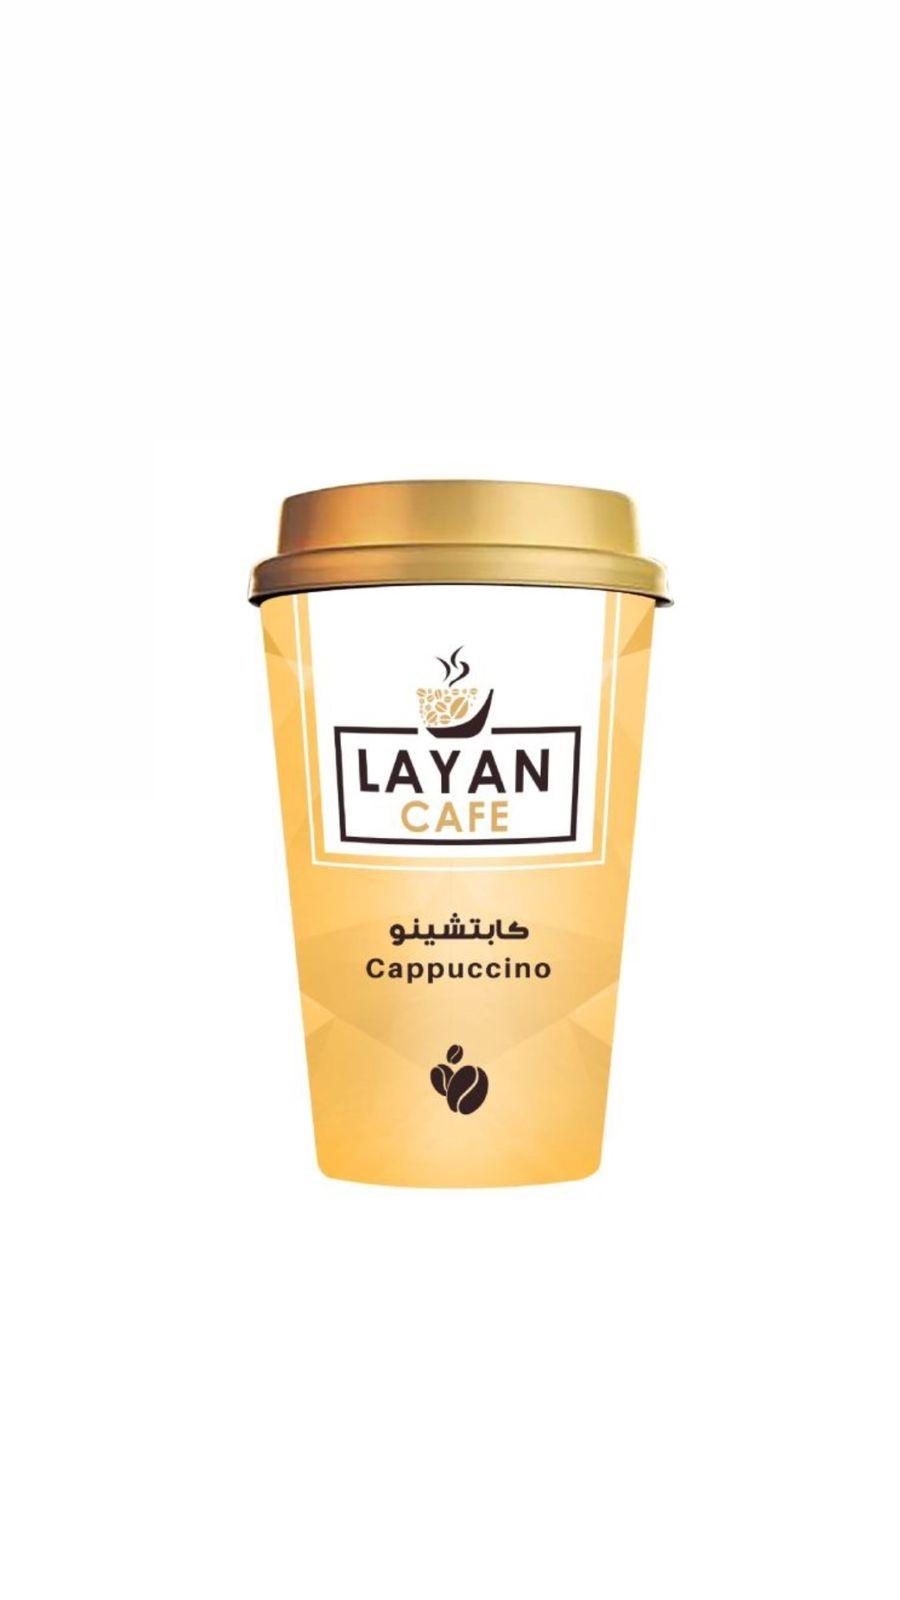 قهوة كابتشينو سريعة التحضير من ليان كافية